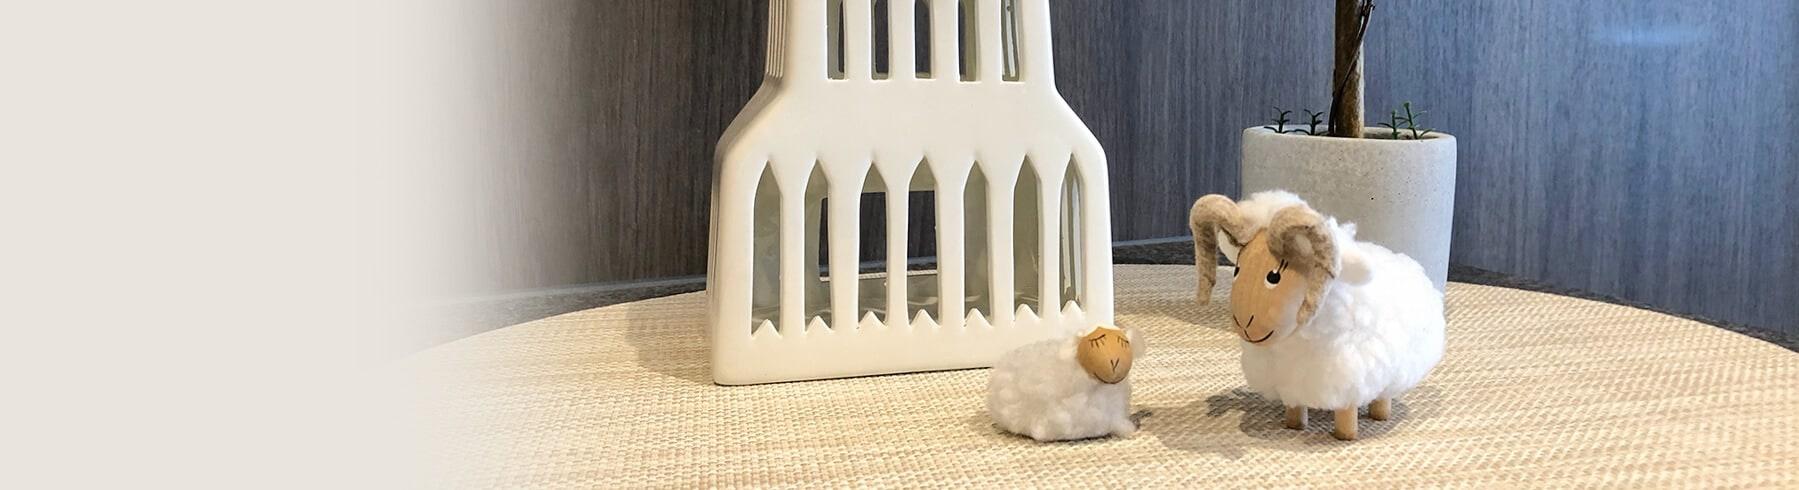 羊と建物の置物